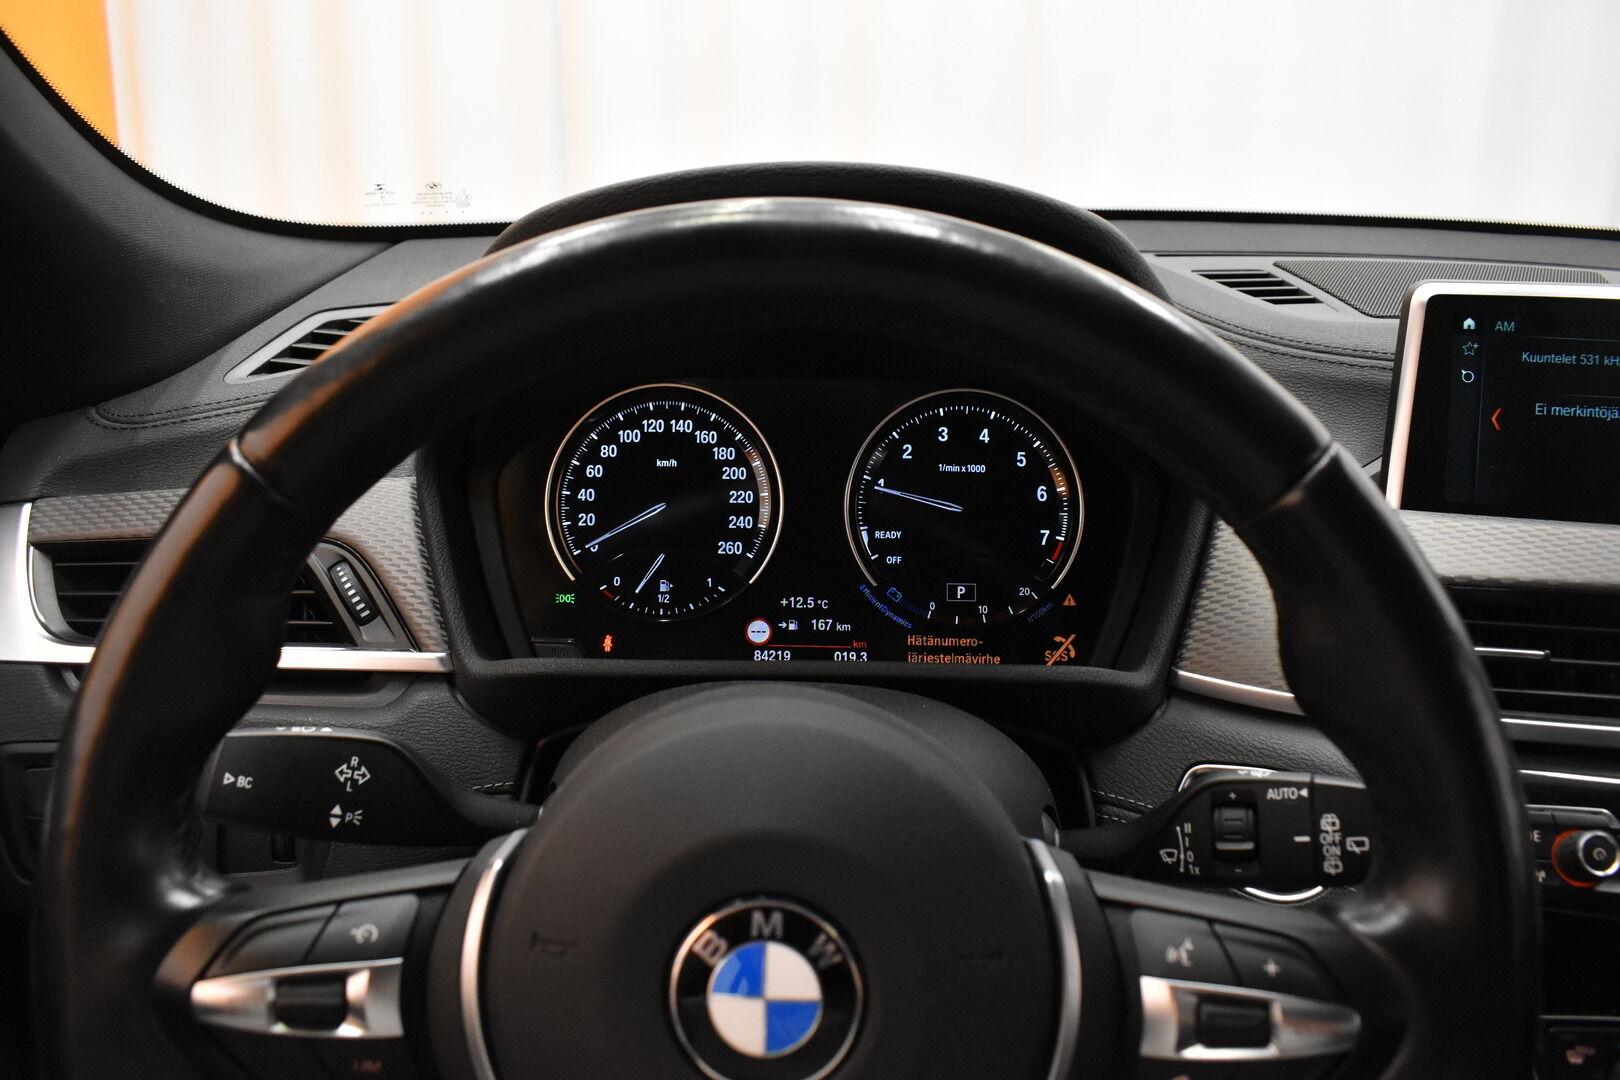 Keltainen Maastoauto, BMW X2 – LAH-64417, kuva 13